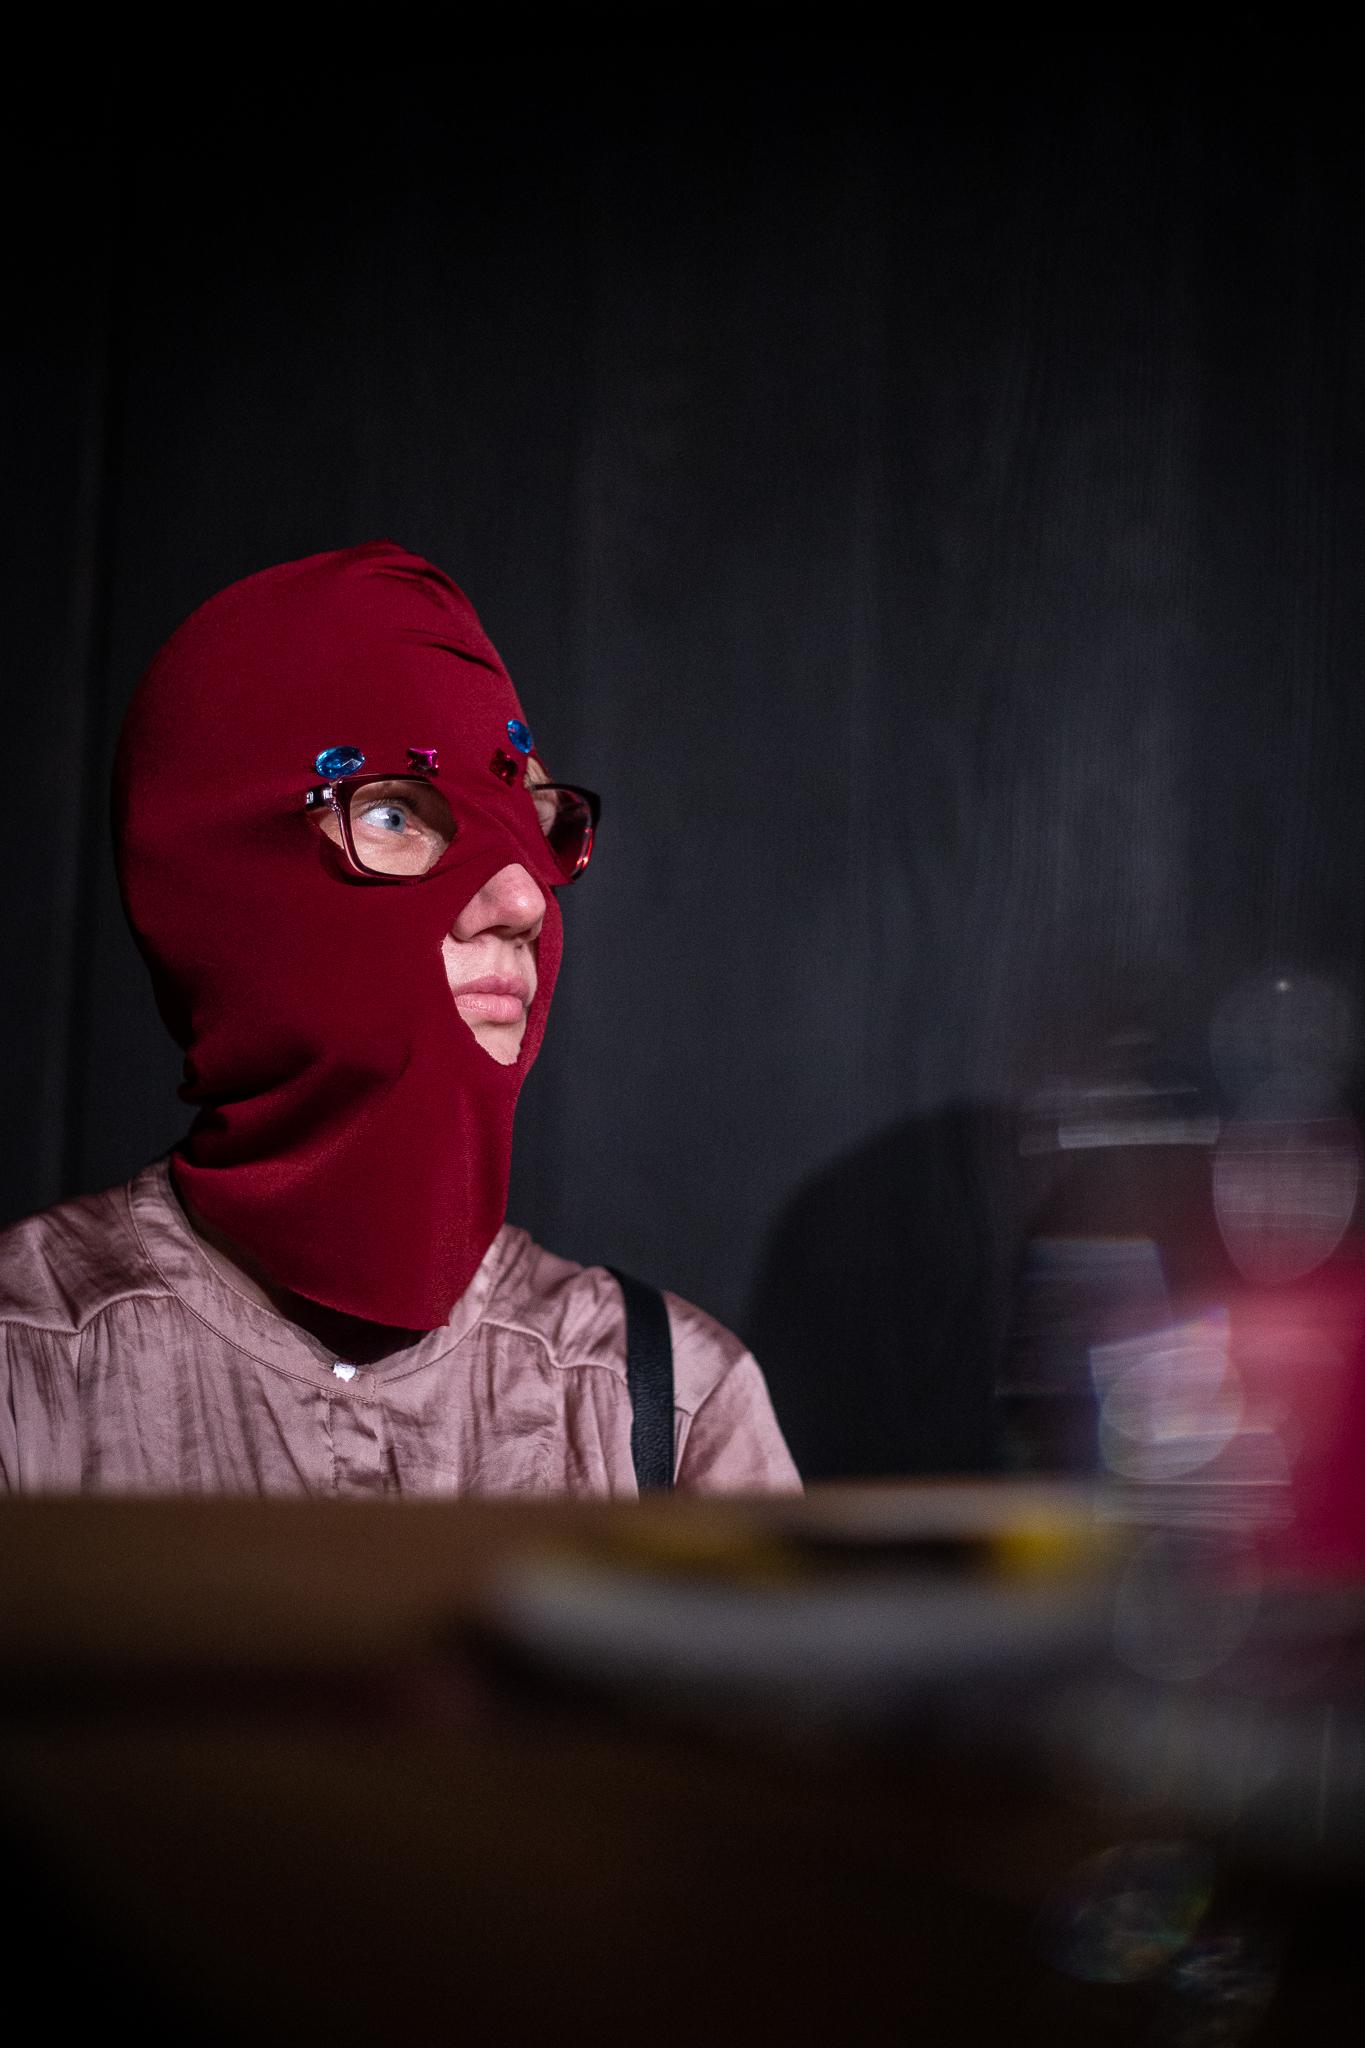 Anna Baumgart, Sprawa kobieca w Polsce, Łódź 2018, Teatr Nowy, Festiwal Łódź Czterech Kultur, premiera 8 września 2018, fot. HAWA